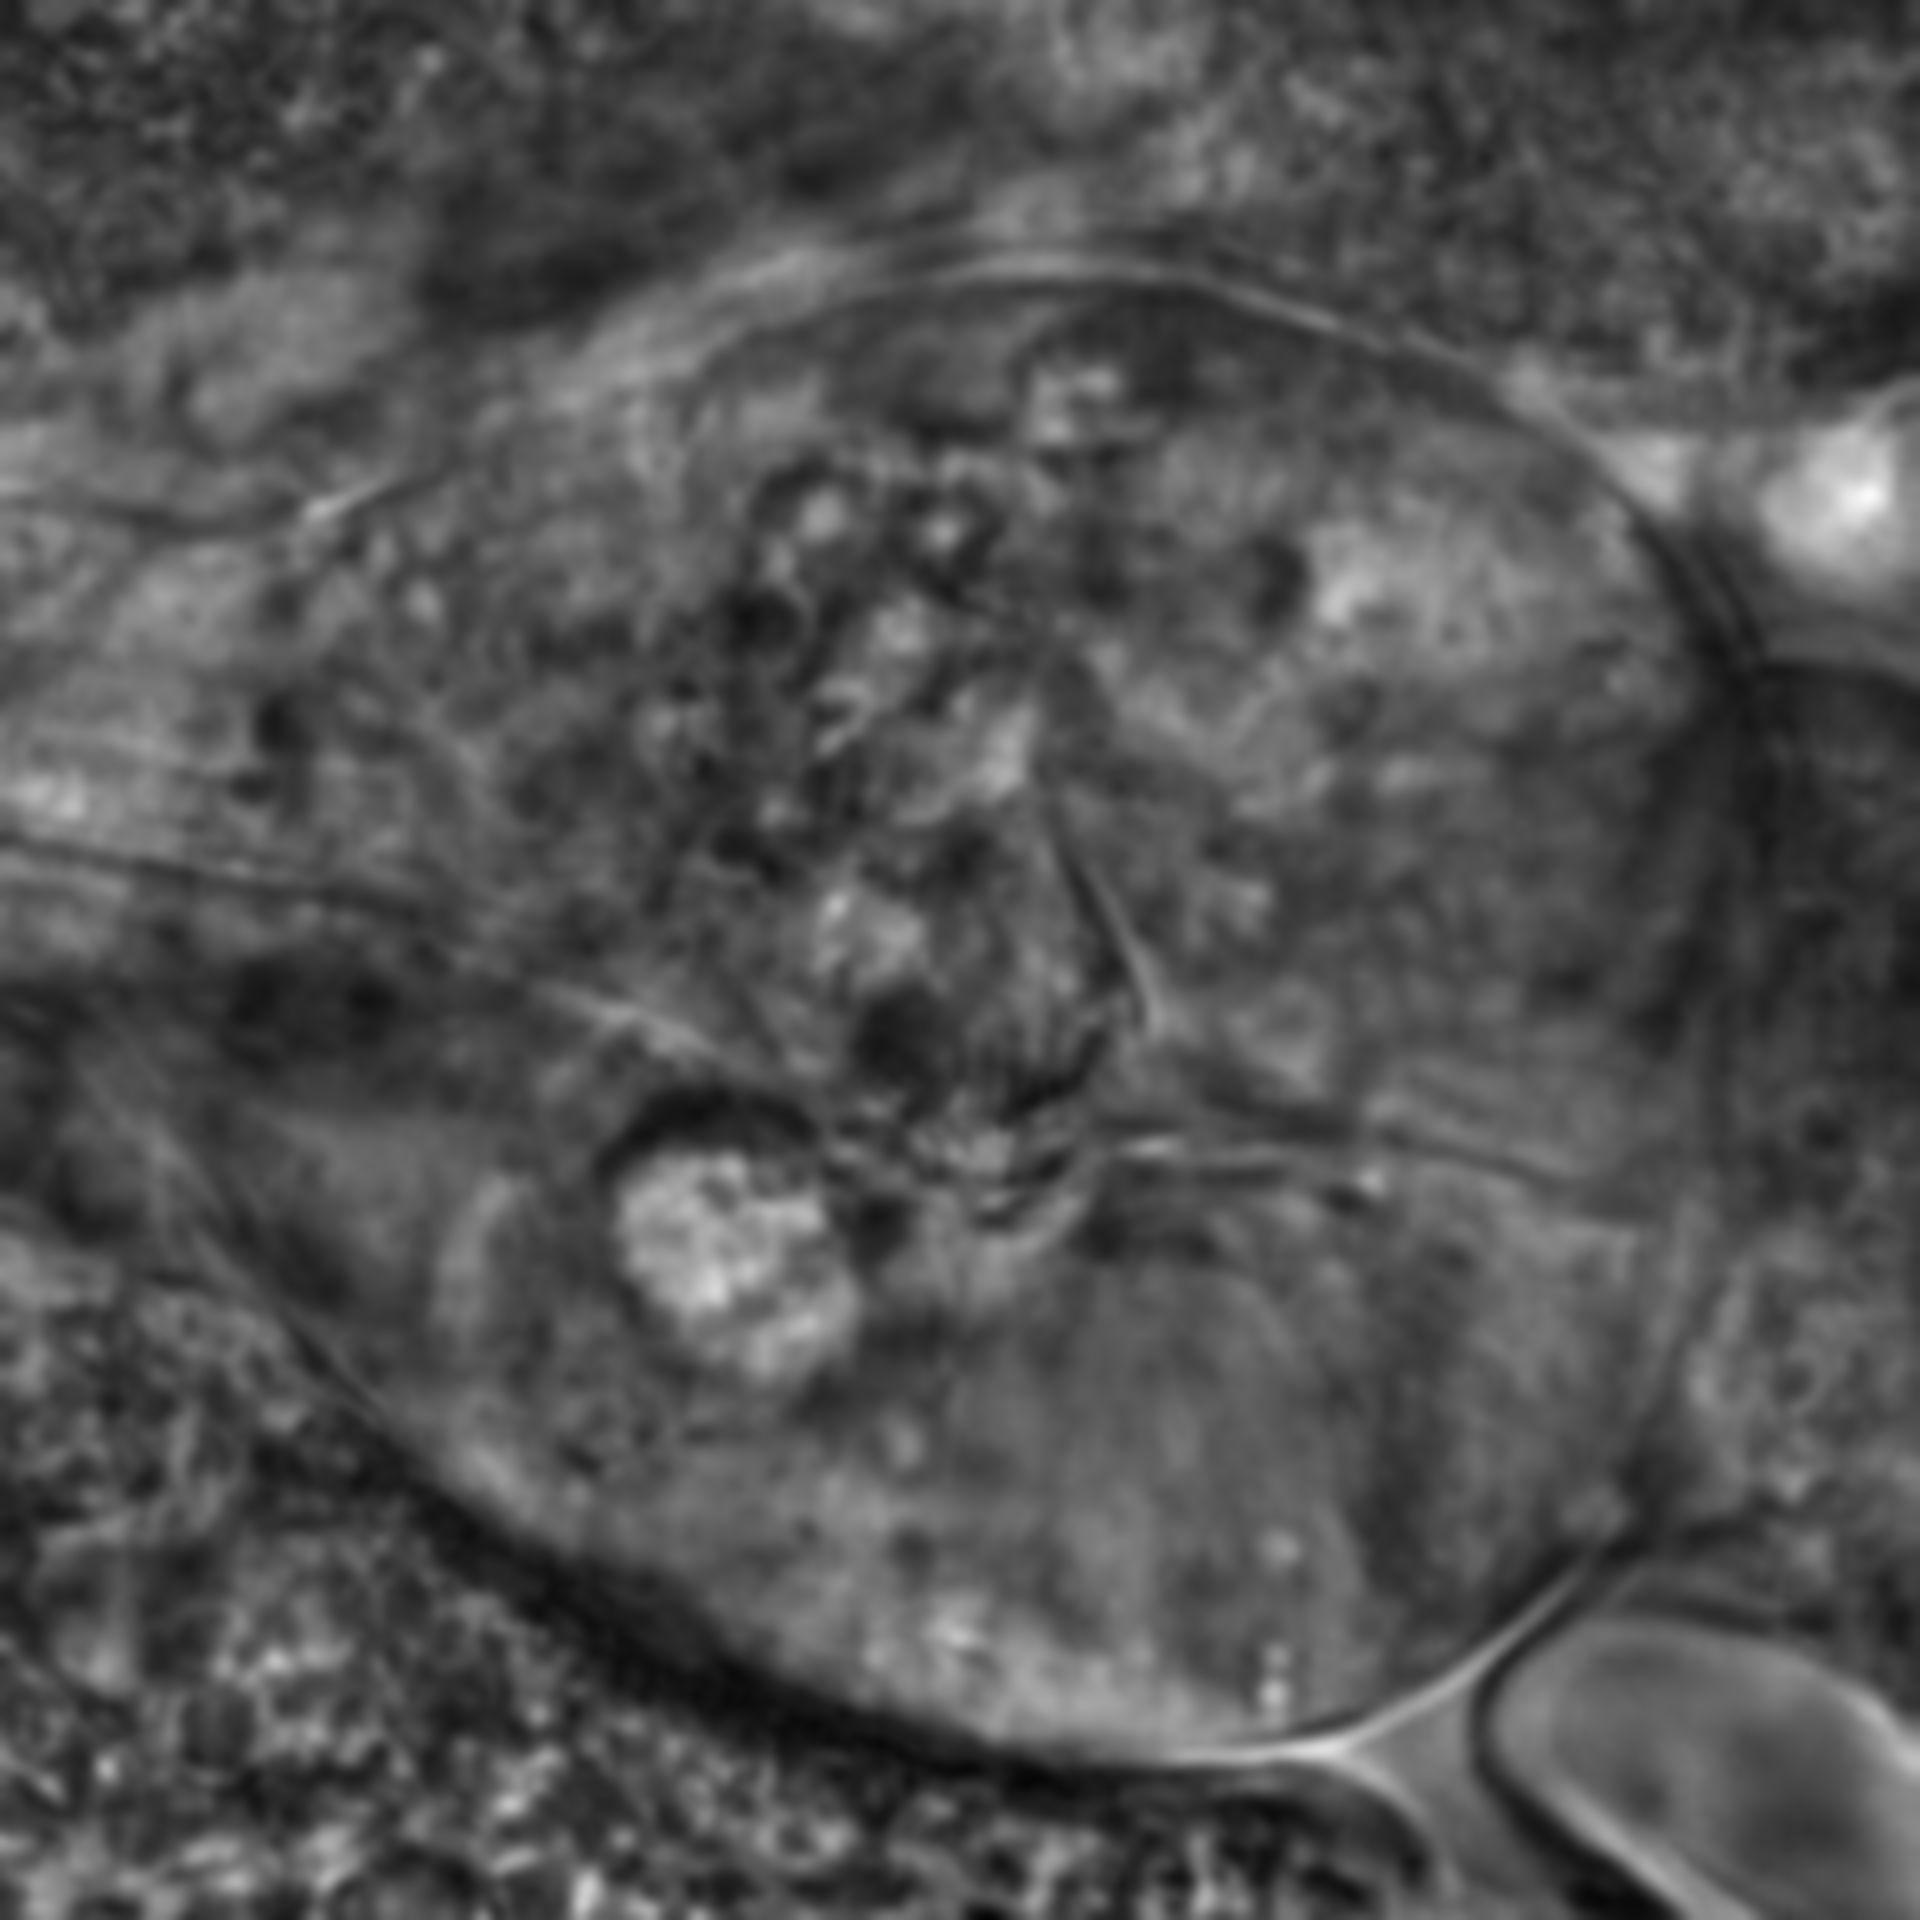 Caenorhabditis elegans - CIL:2742